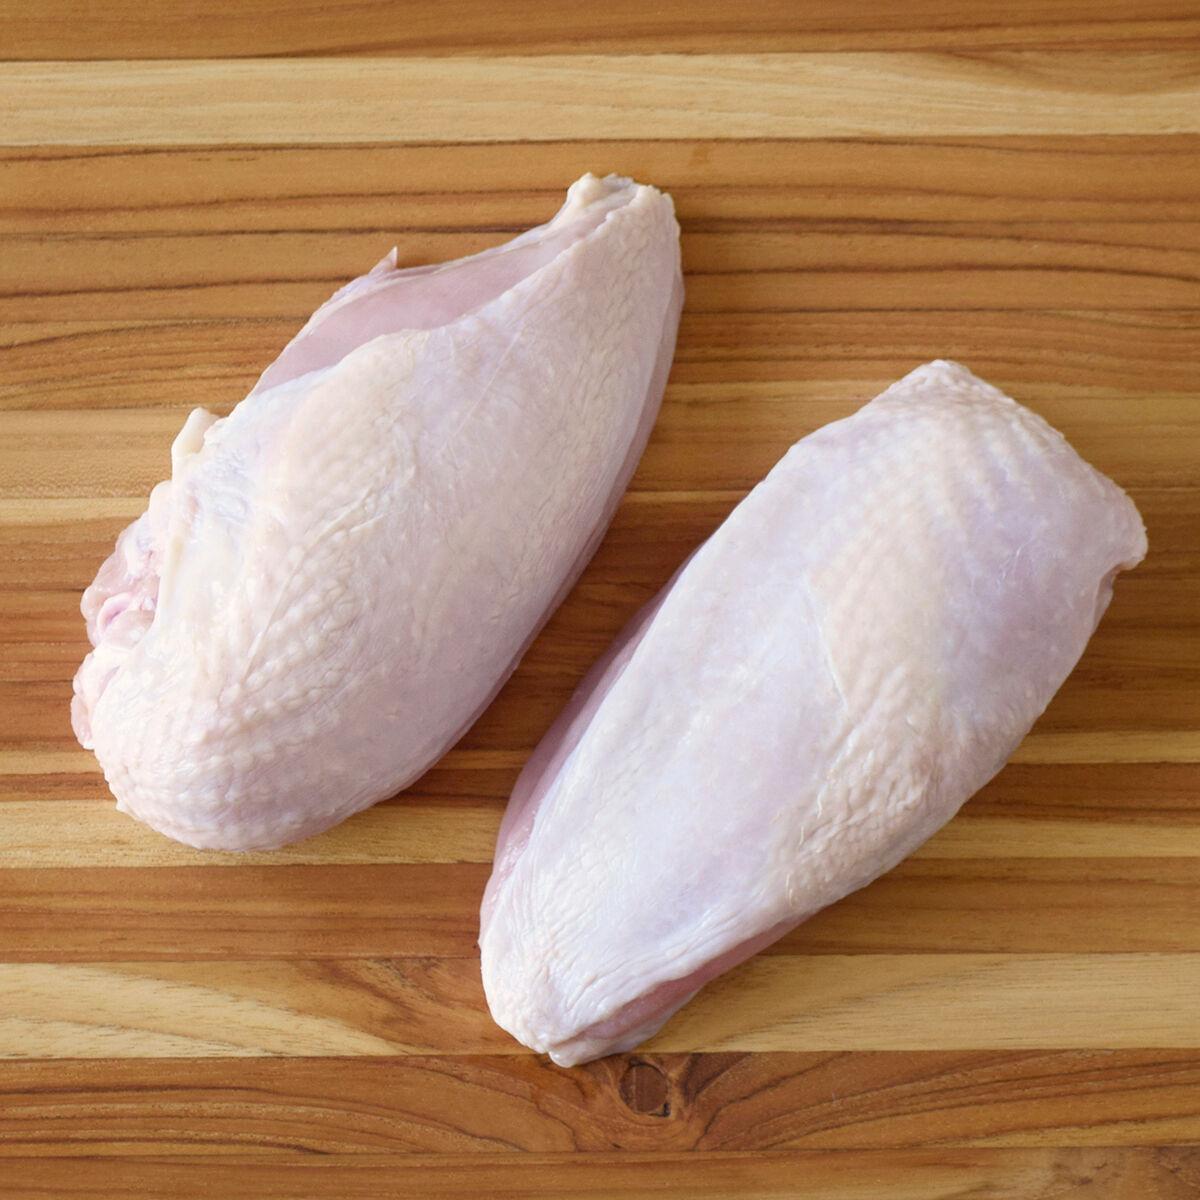 D'Artagnan Organic Chicken Breasts, Split: Frozen / 4 Packs (2 pieces, 1.5 lbs avg. each per pack) by D'Artagnan